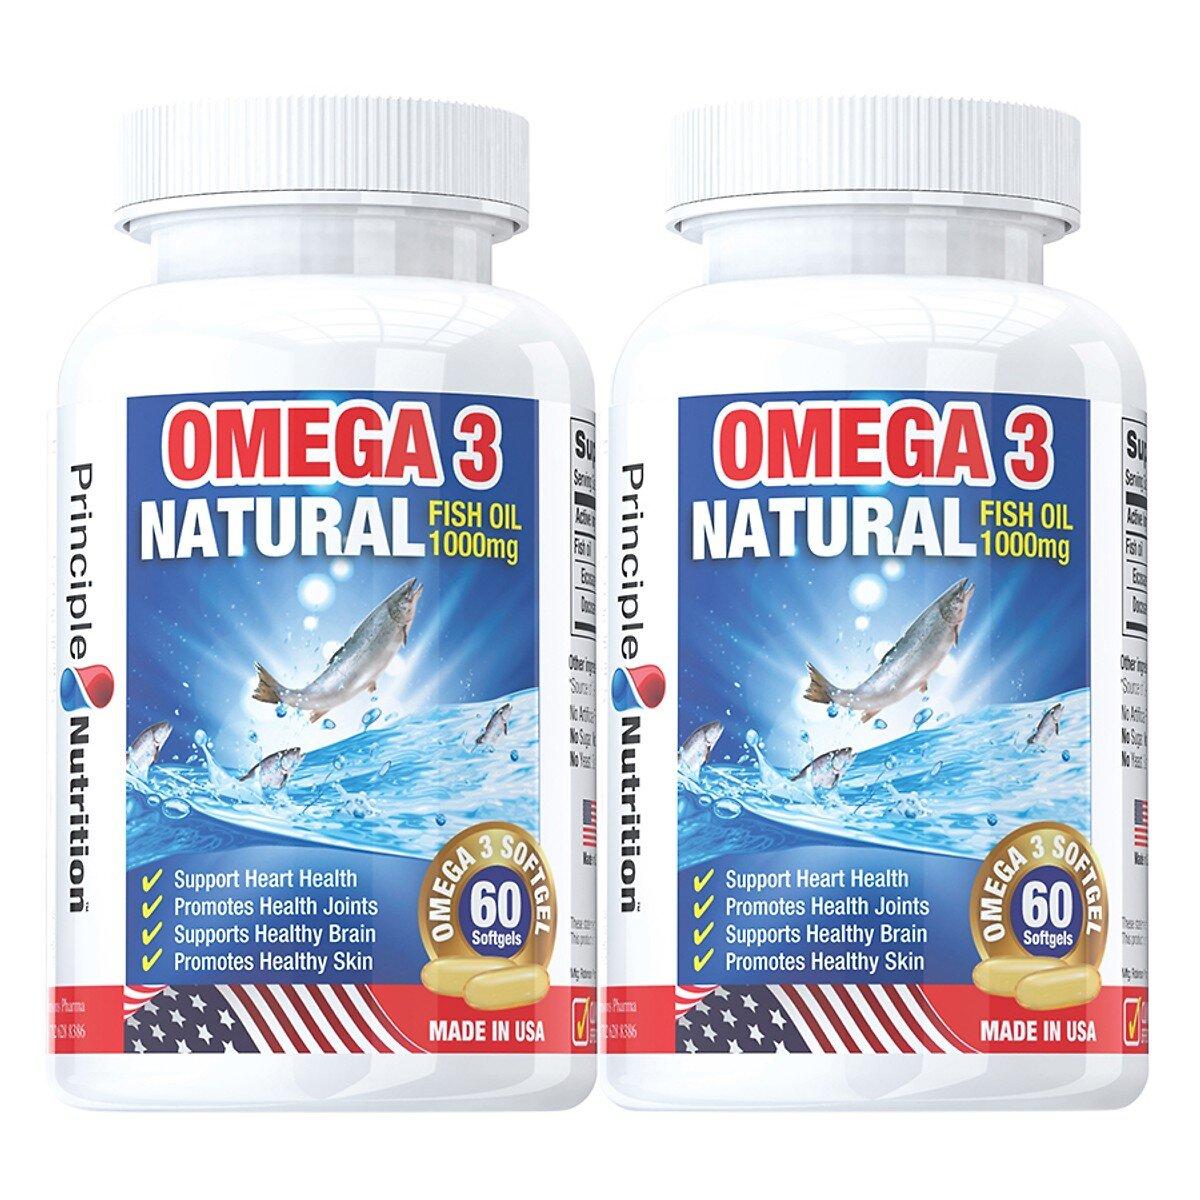 Viên uống dầu cá Principle Nutrition là loại thực phẩm chức năng nên sử dụng để hỗ trợ sức khỏe